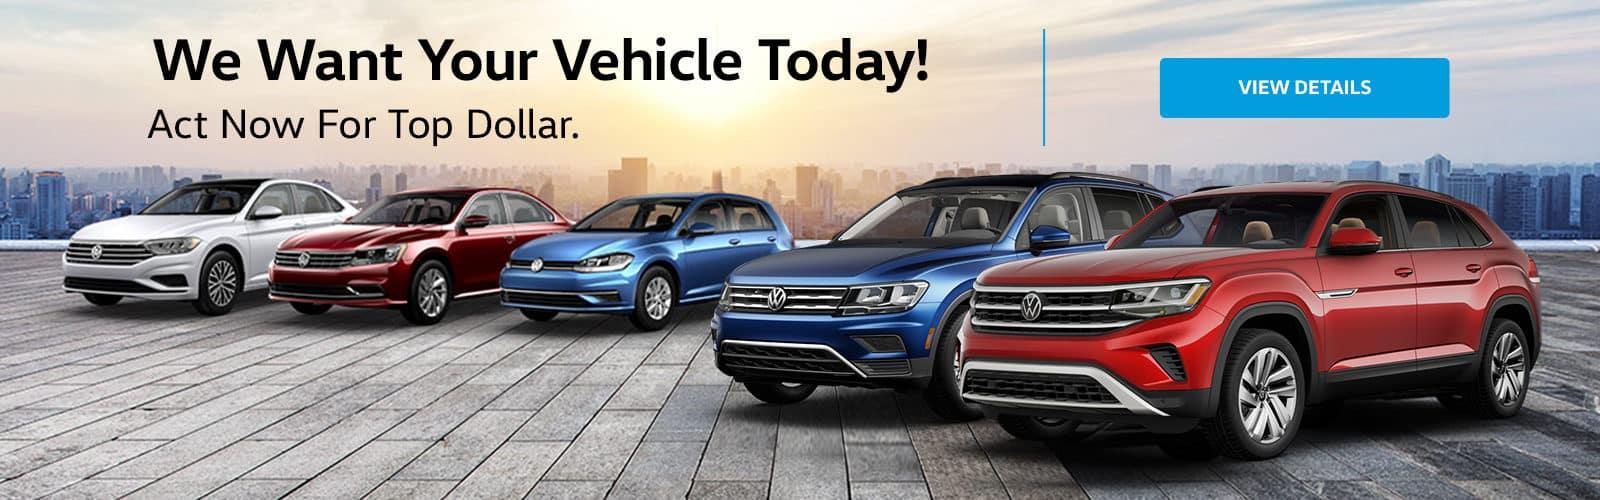 Reeves VW Buy Back